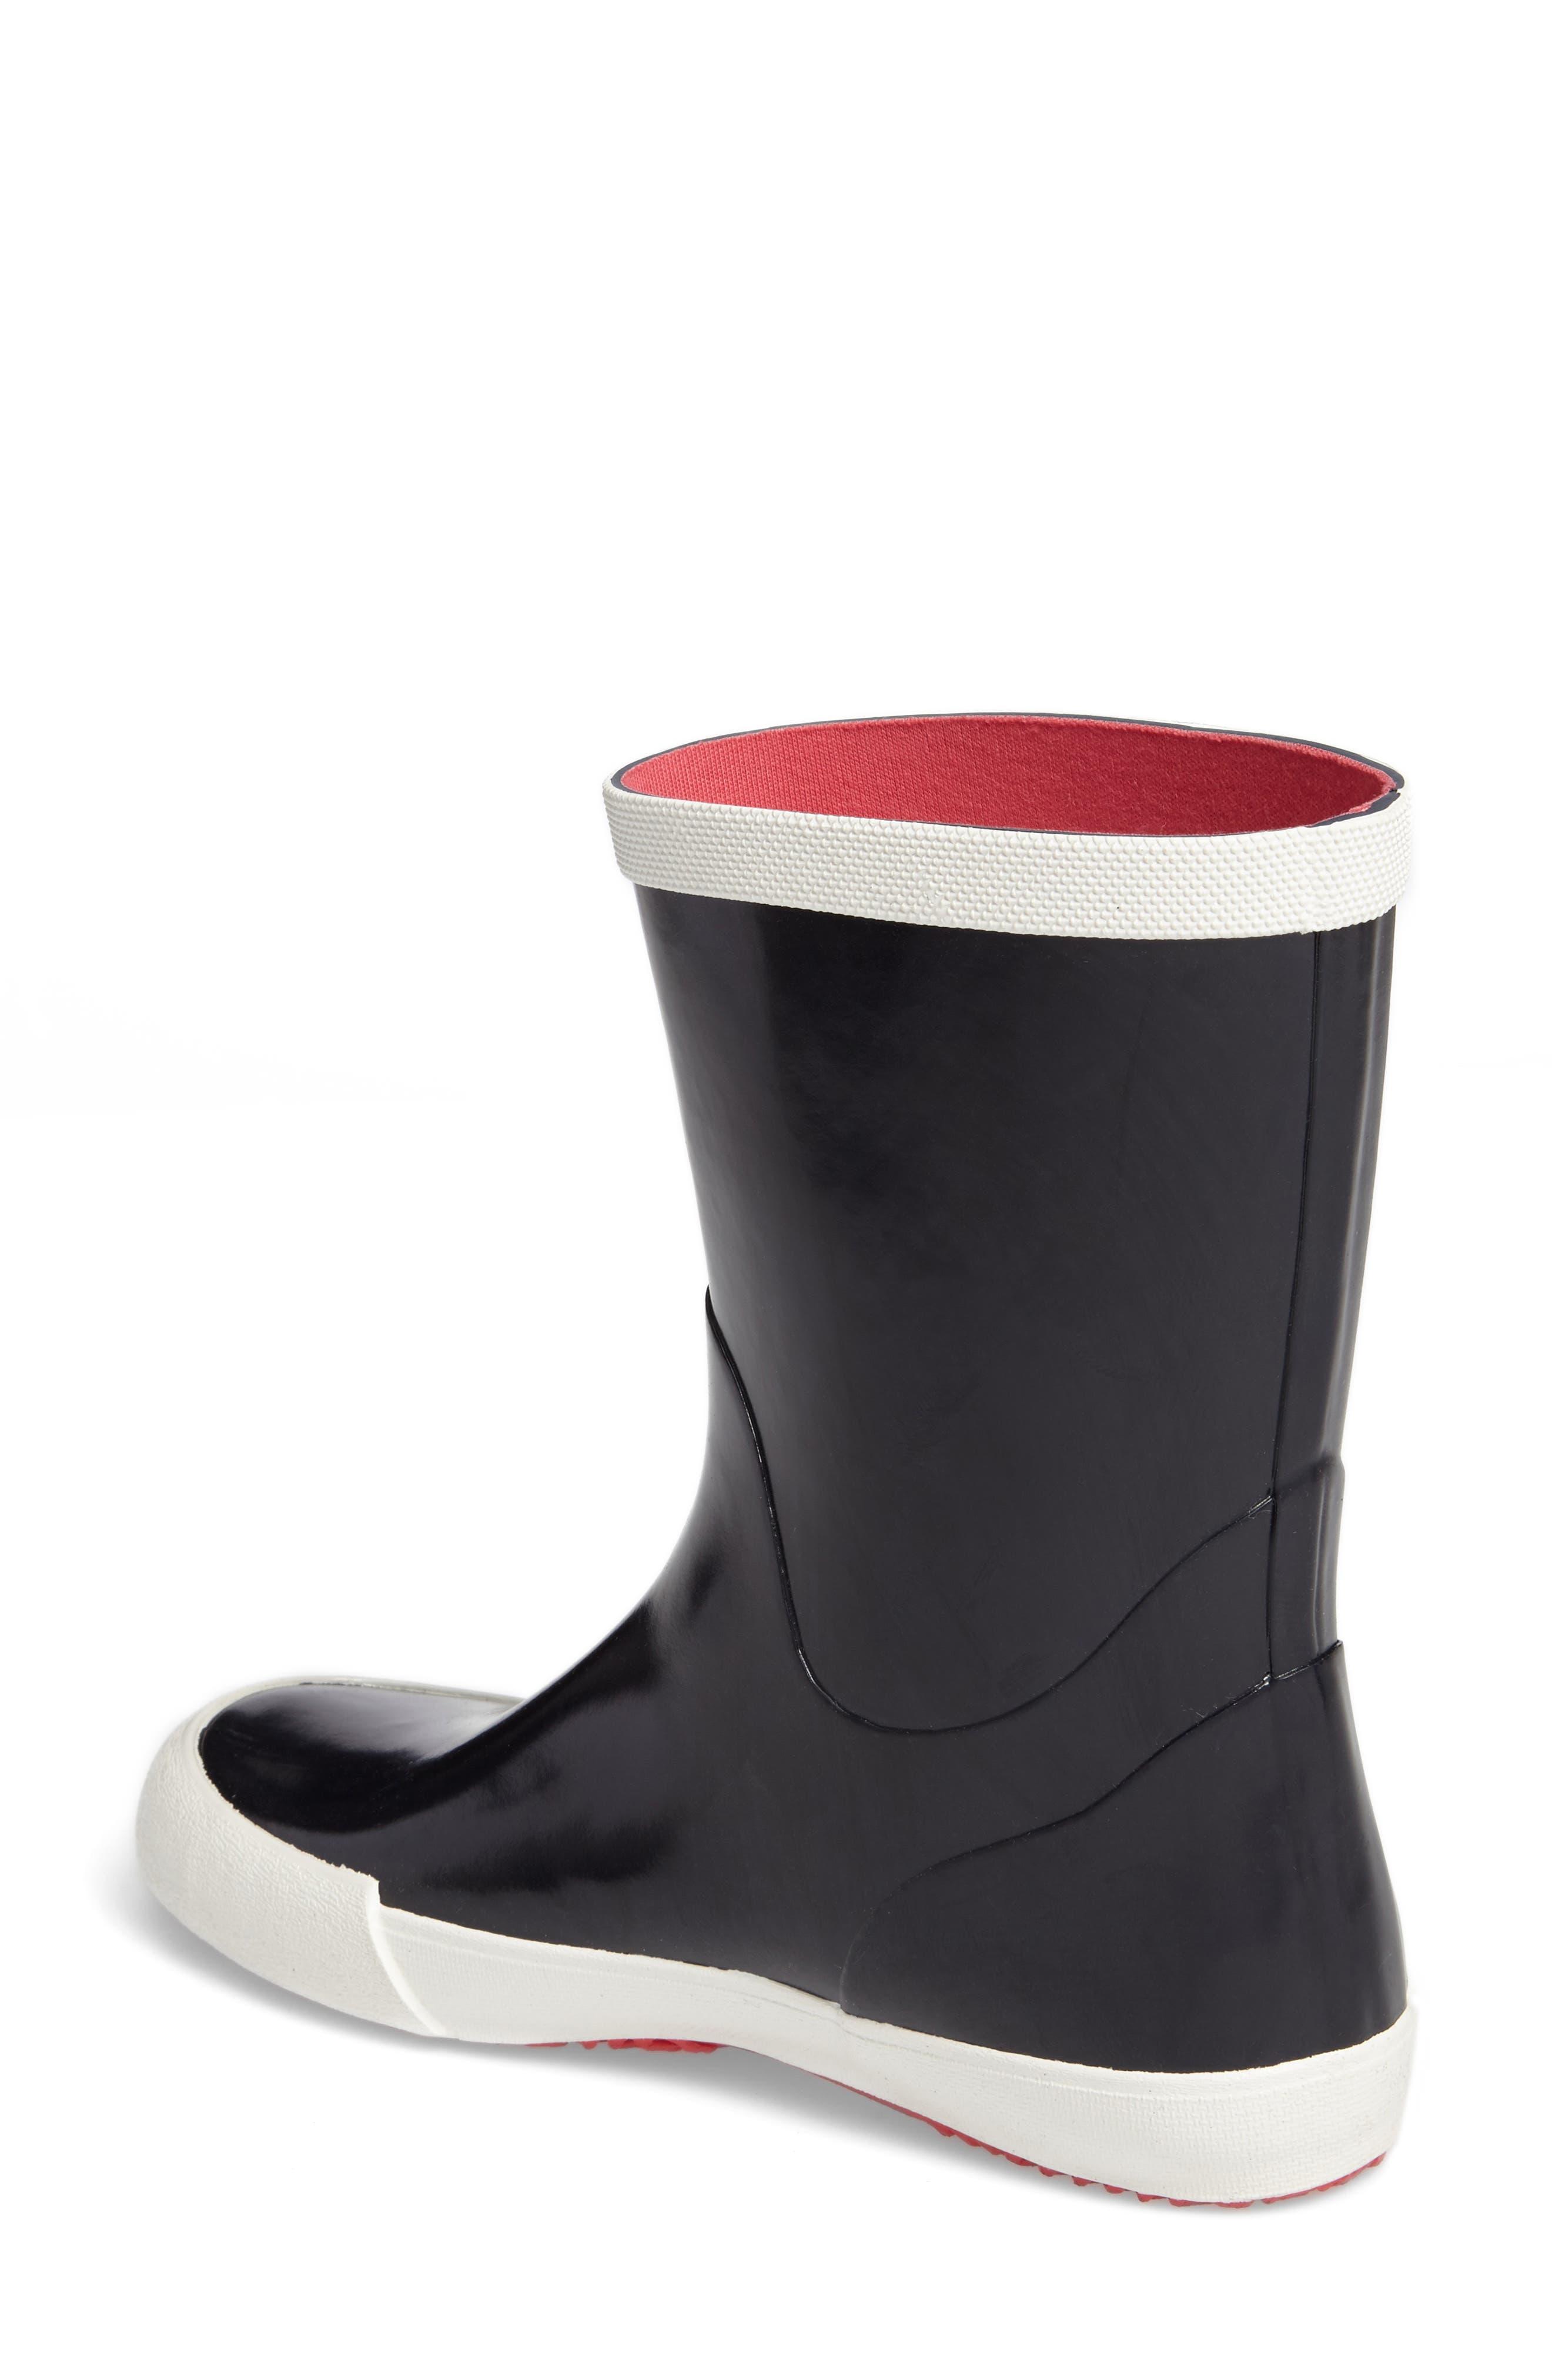 Nordvick Rain Boot,                             Alternate thumbnail 2, color,                             400